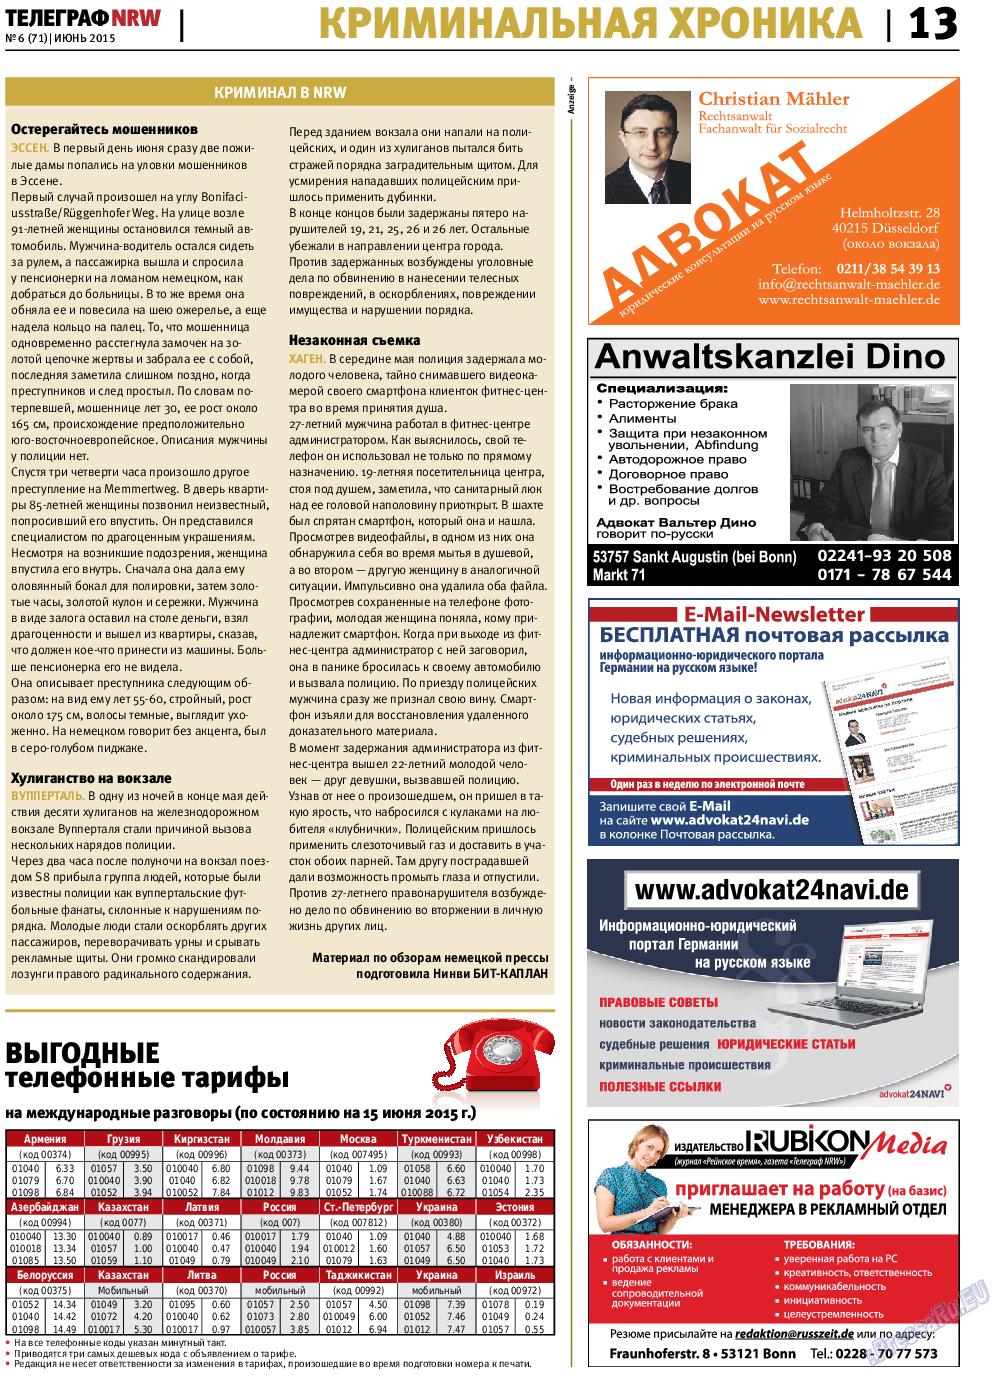 Телеграф NRW (газета). 2015 год, номер 6, стр. 13